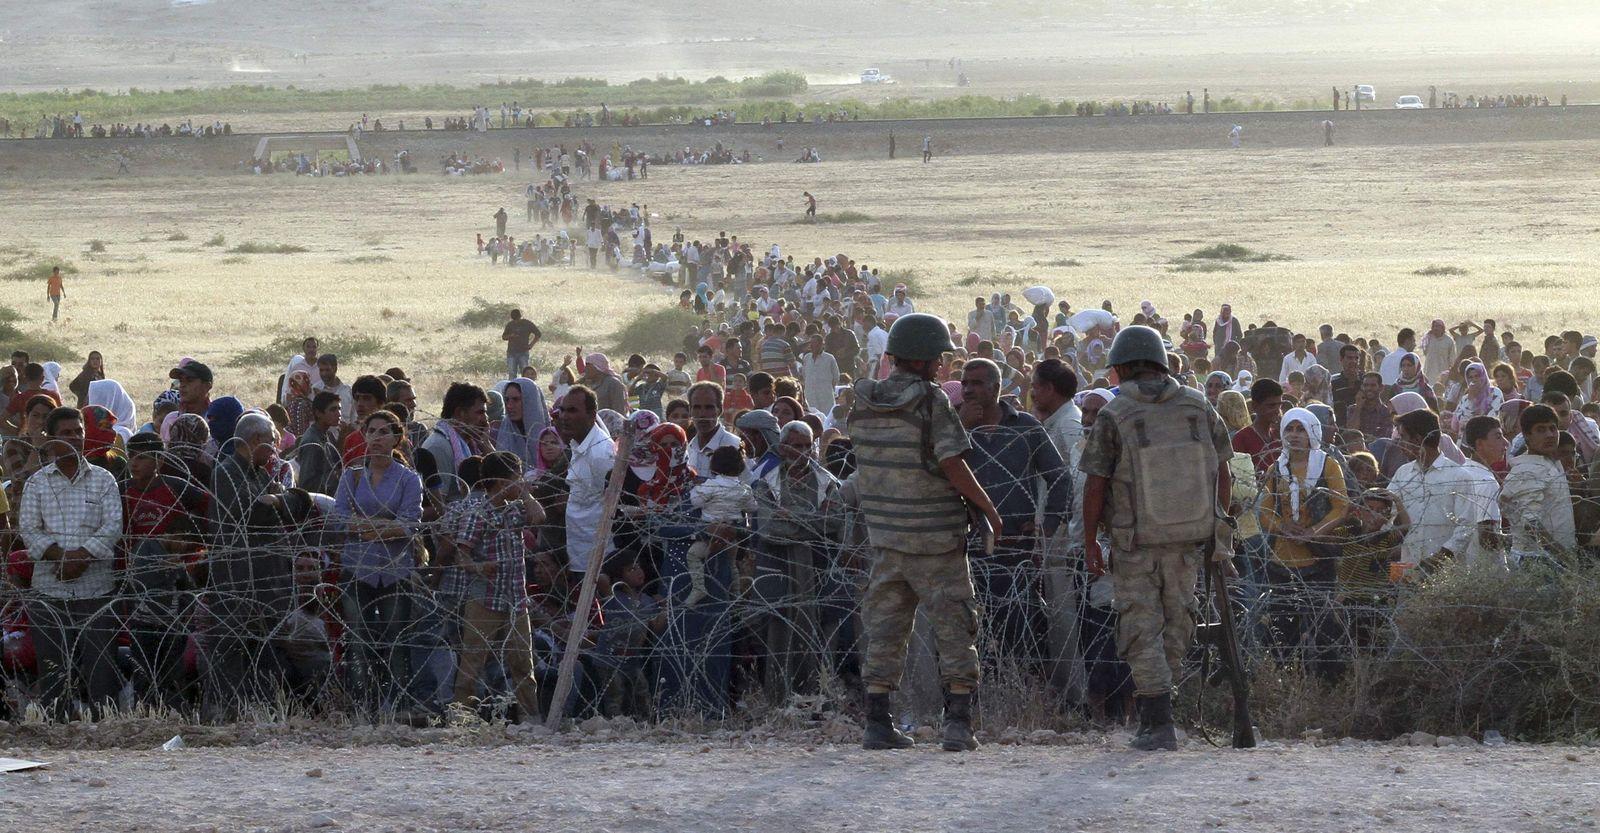 SYRIA-CRISIS/DRONES